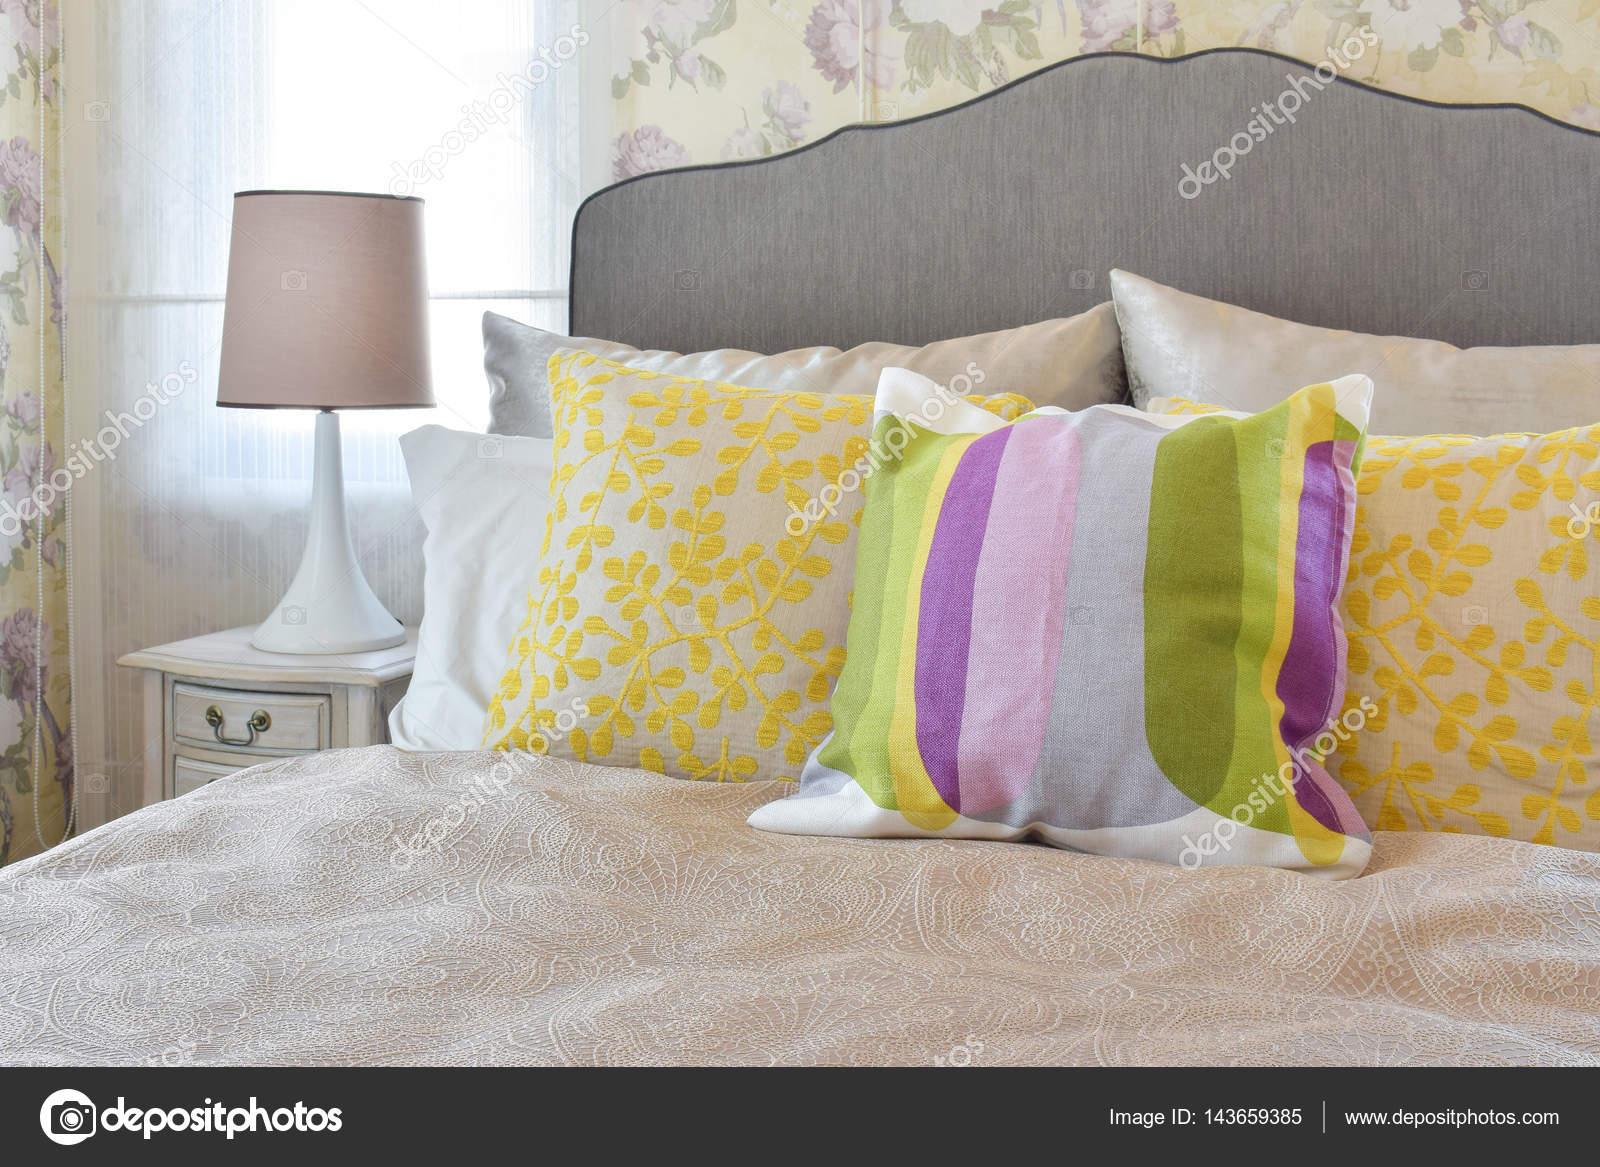 Vrouw slaapkamer met kleurrijke kussens op bed in de slaapkamer